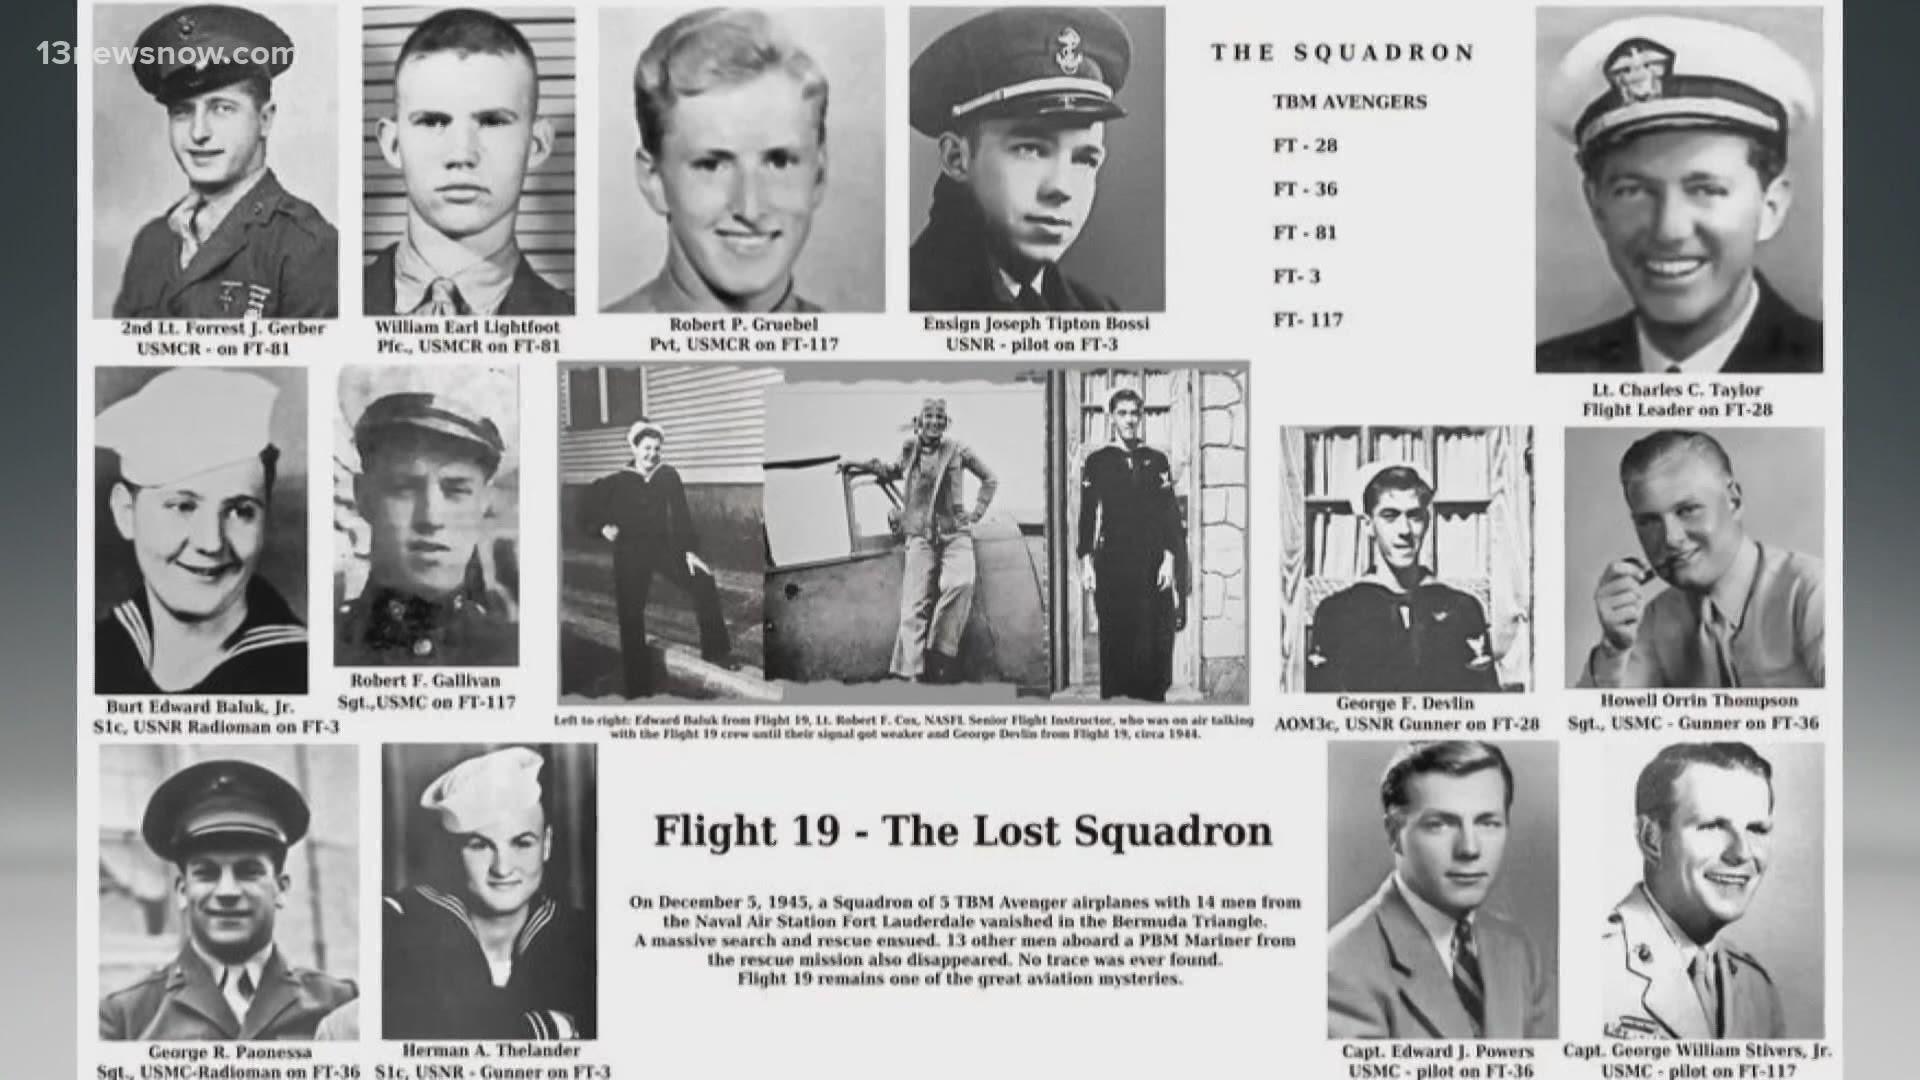 75 năm trước, phi đội máy bay chiến đấu của Mỹ đã biến mất bí ẩn tại Tam giác Quỷ Bermuda - Ảnh 3.